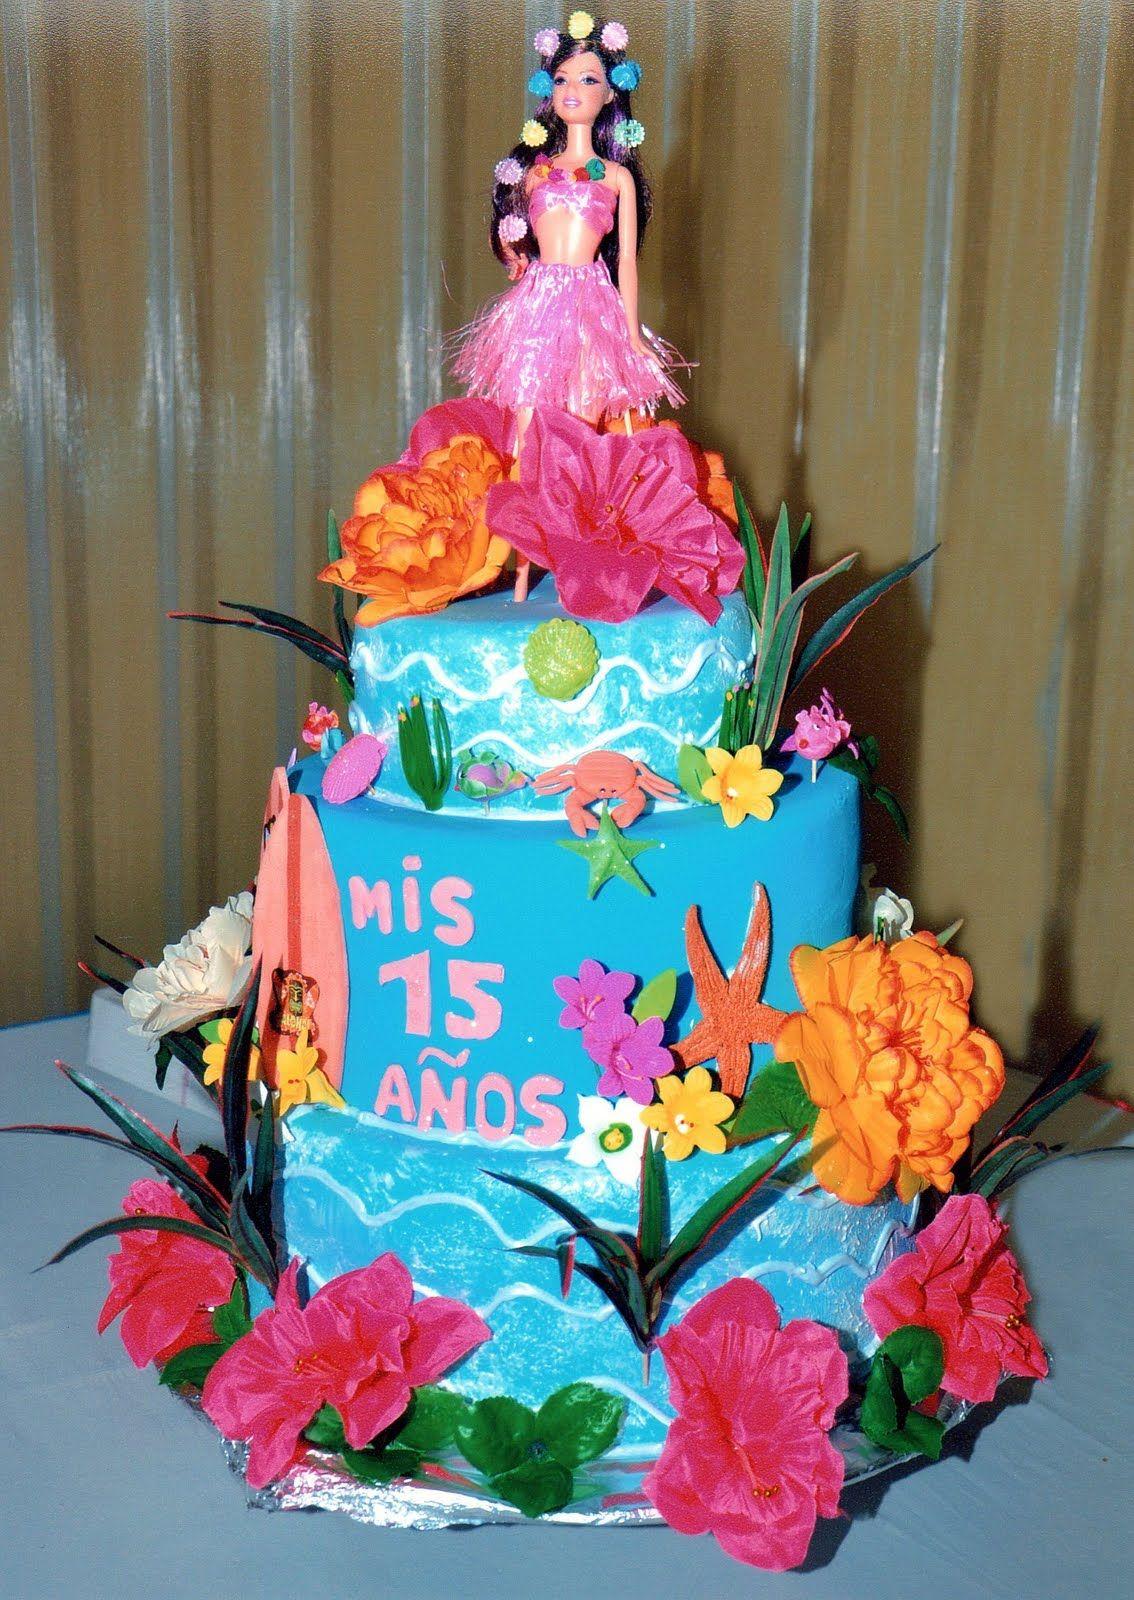 Nuevas tendencias en decoraci n de tortas tortas for Ultimas tendencias en decoracion